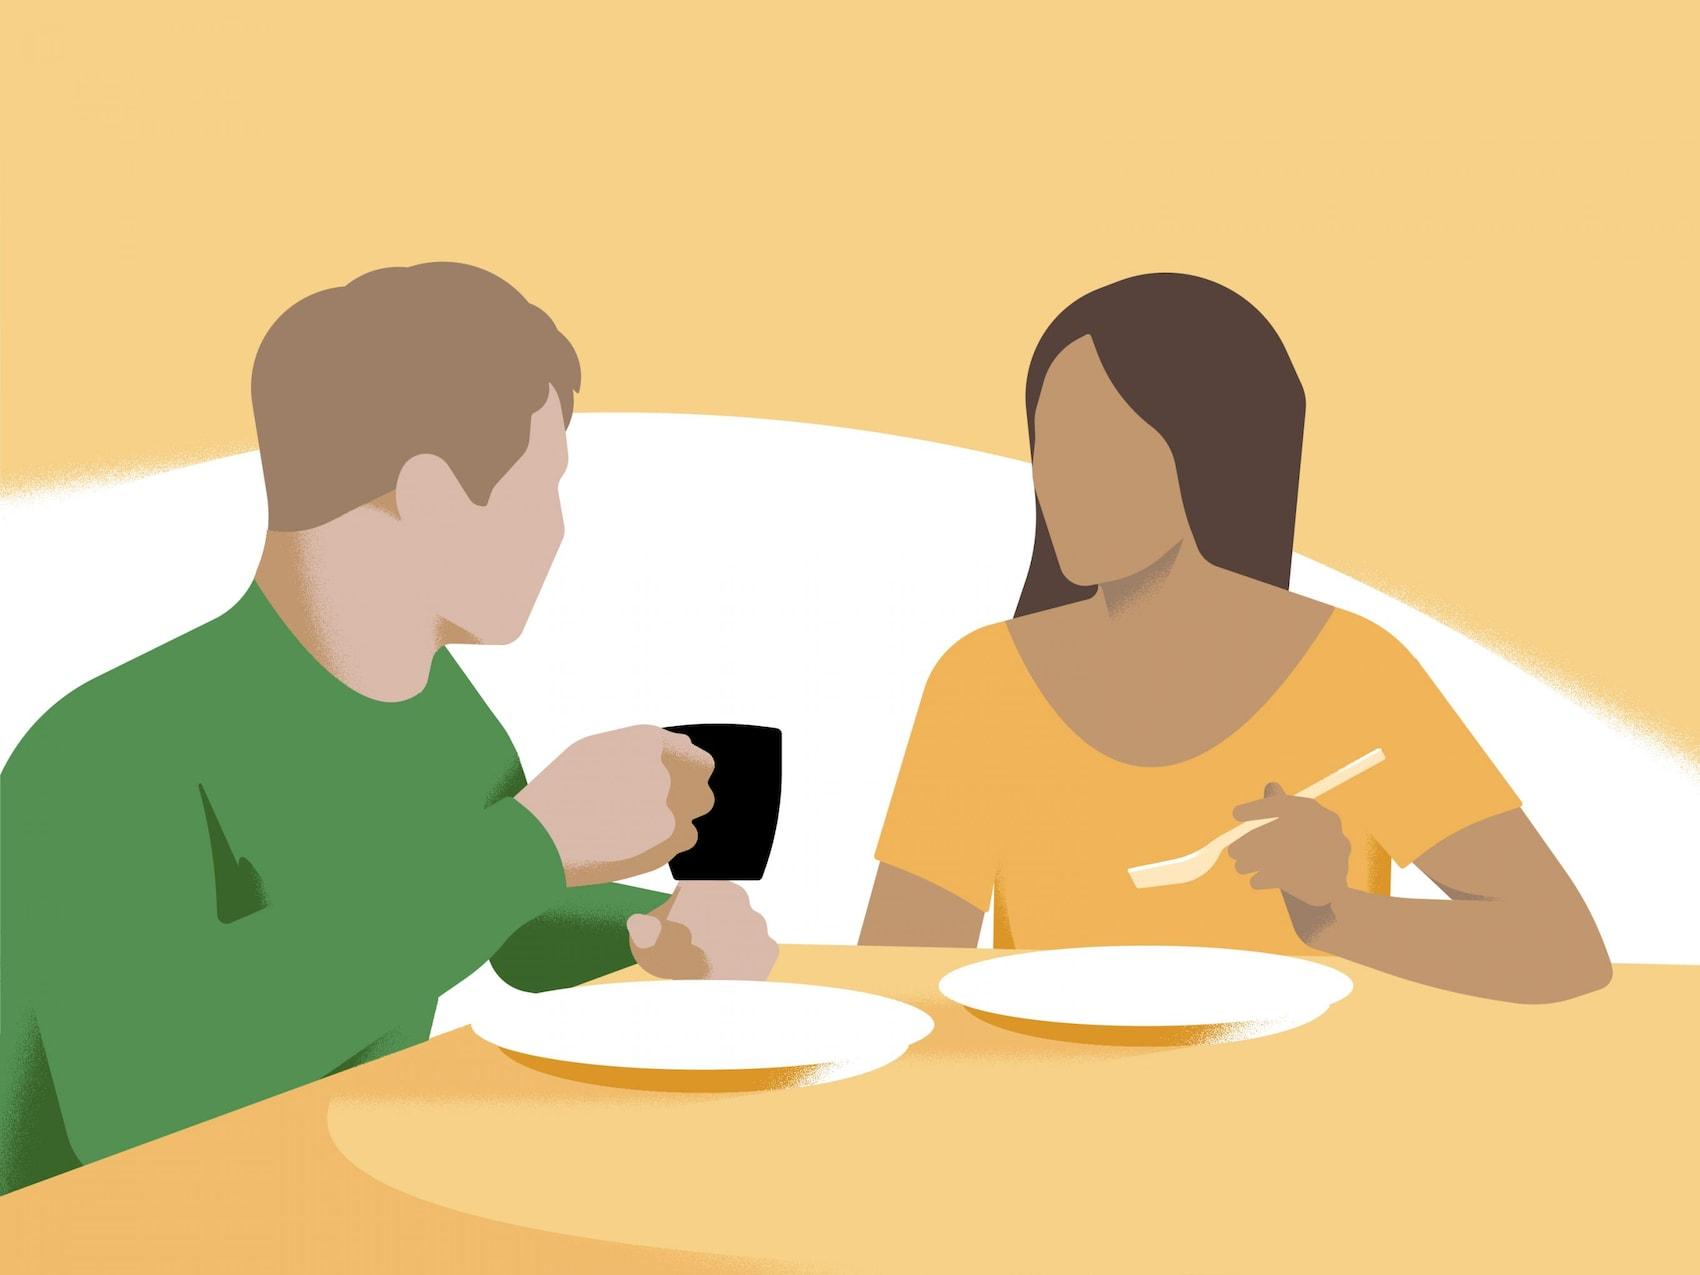 Dve osebi sedita za mizo in jesta.